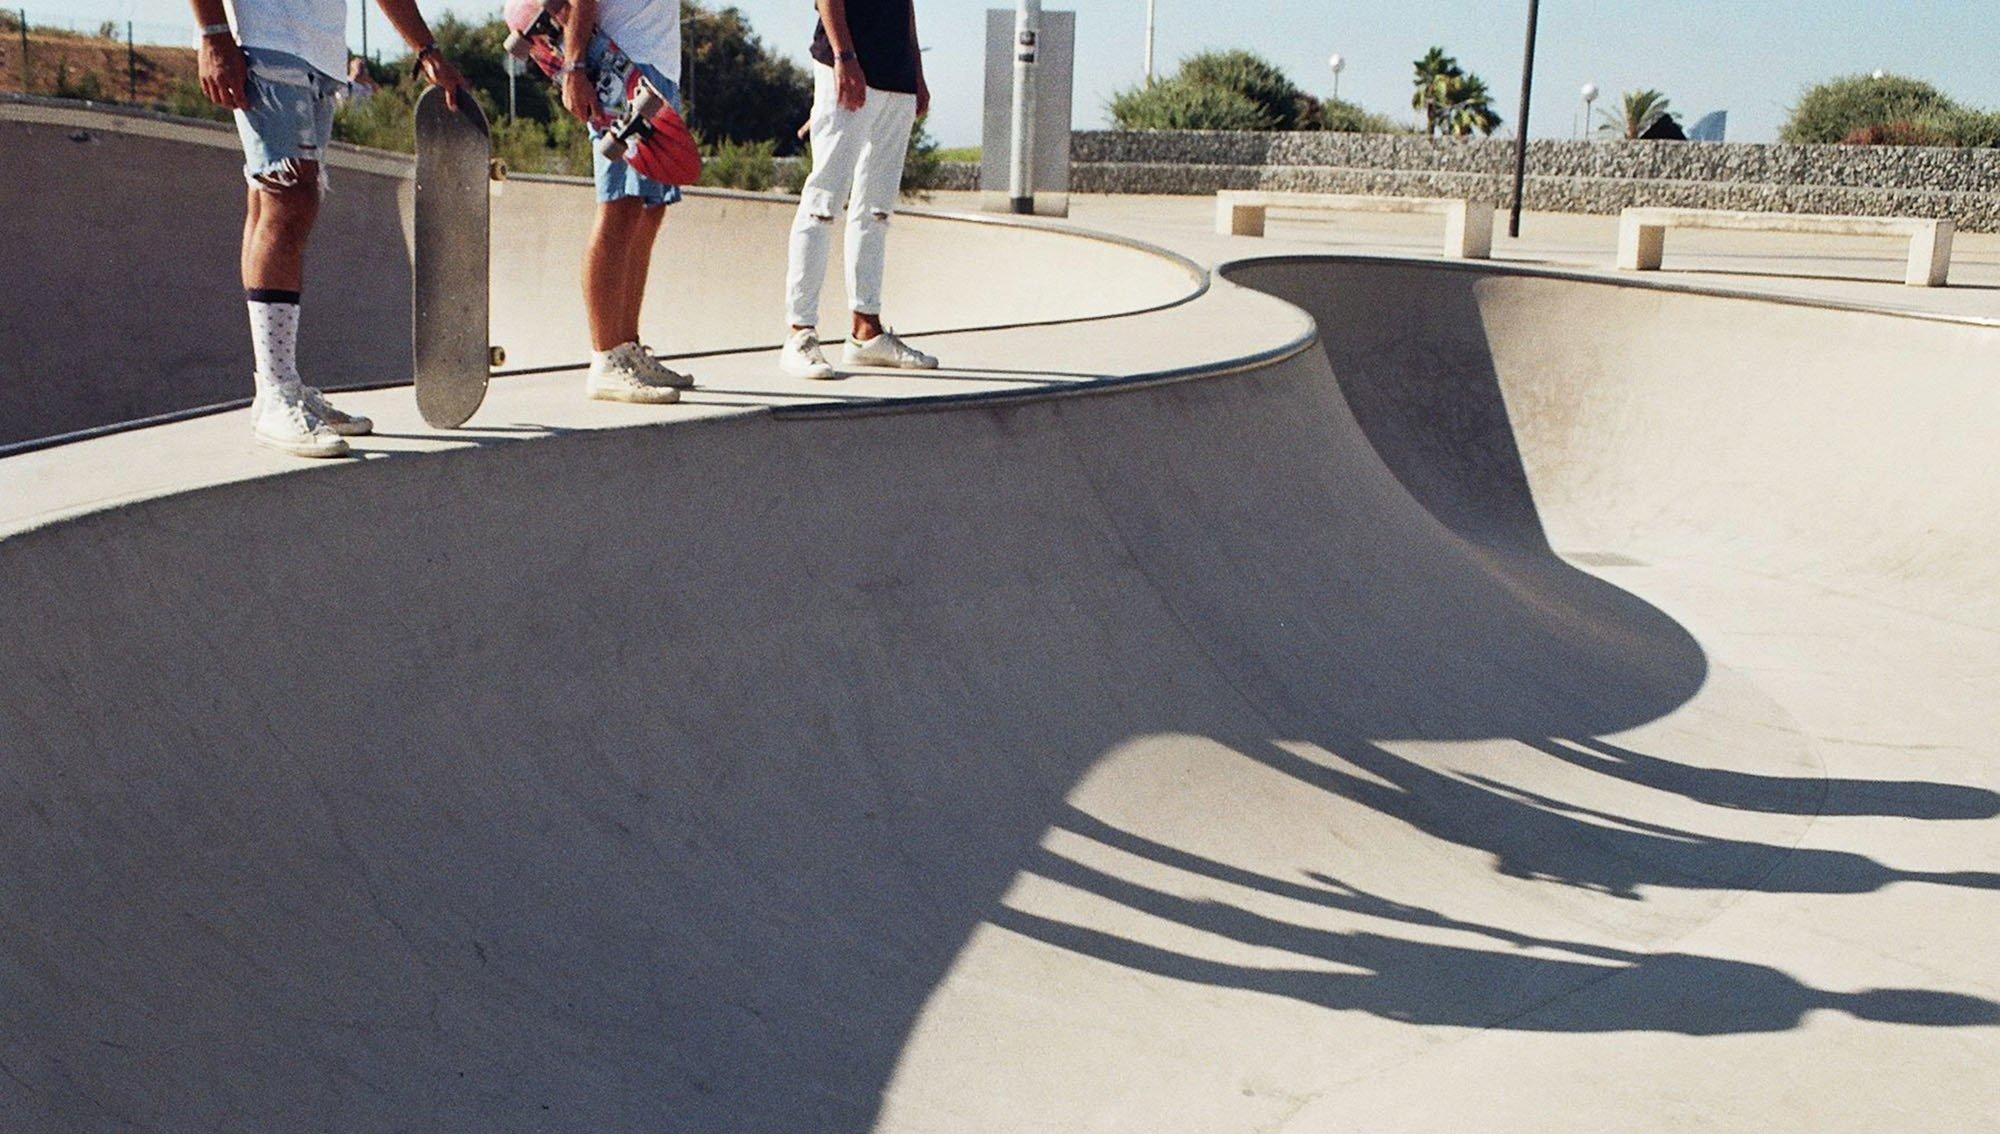 Зона нових можливостей і експериментів: у Києві відкриється сучасний скейт-парк «Skate Bike Park»